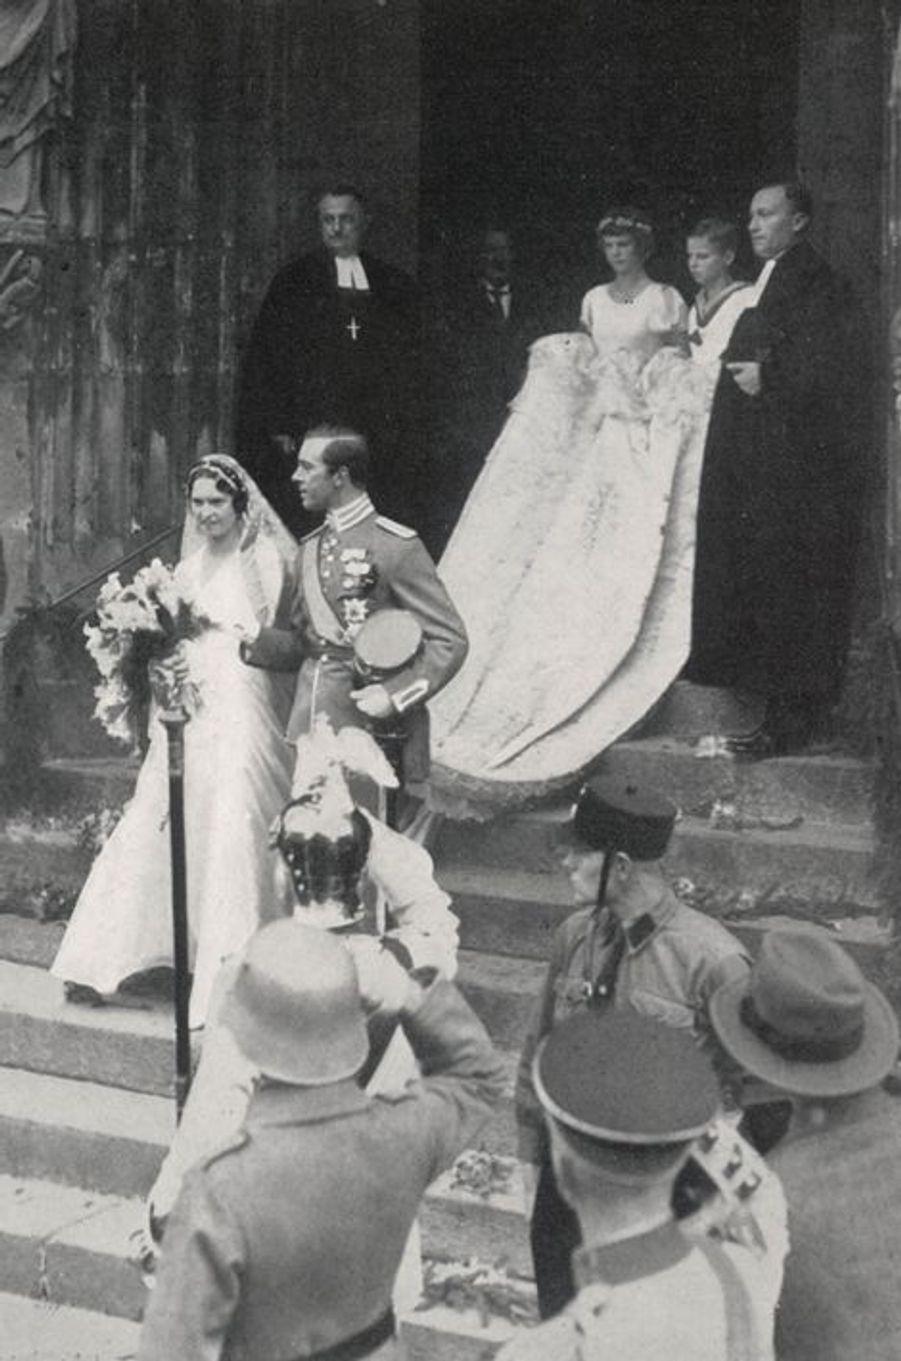 Le mariage du prince Gustaf Adolf de Suède et de la princesse Sibylle de Saxe-Cobourg et Gotha, le 19 octobre 1932